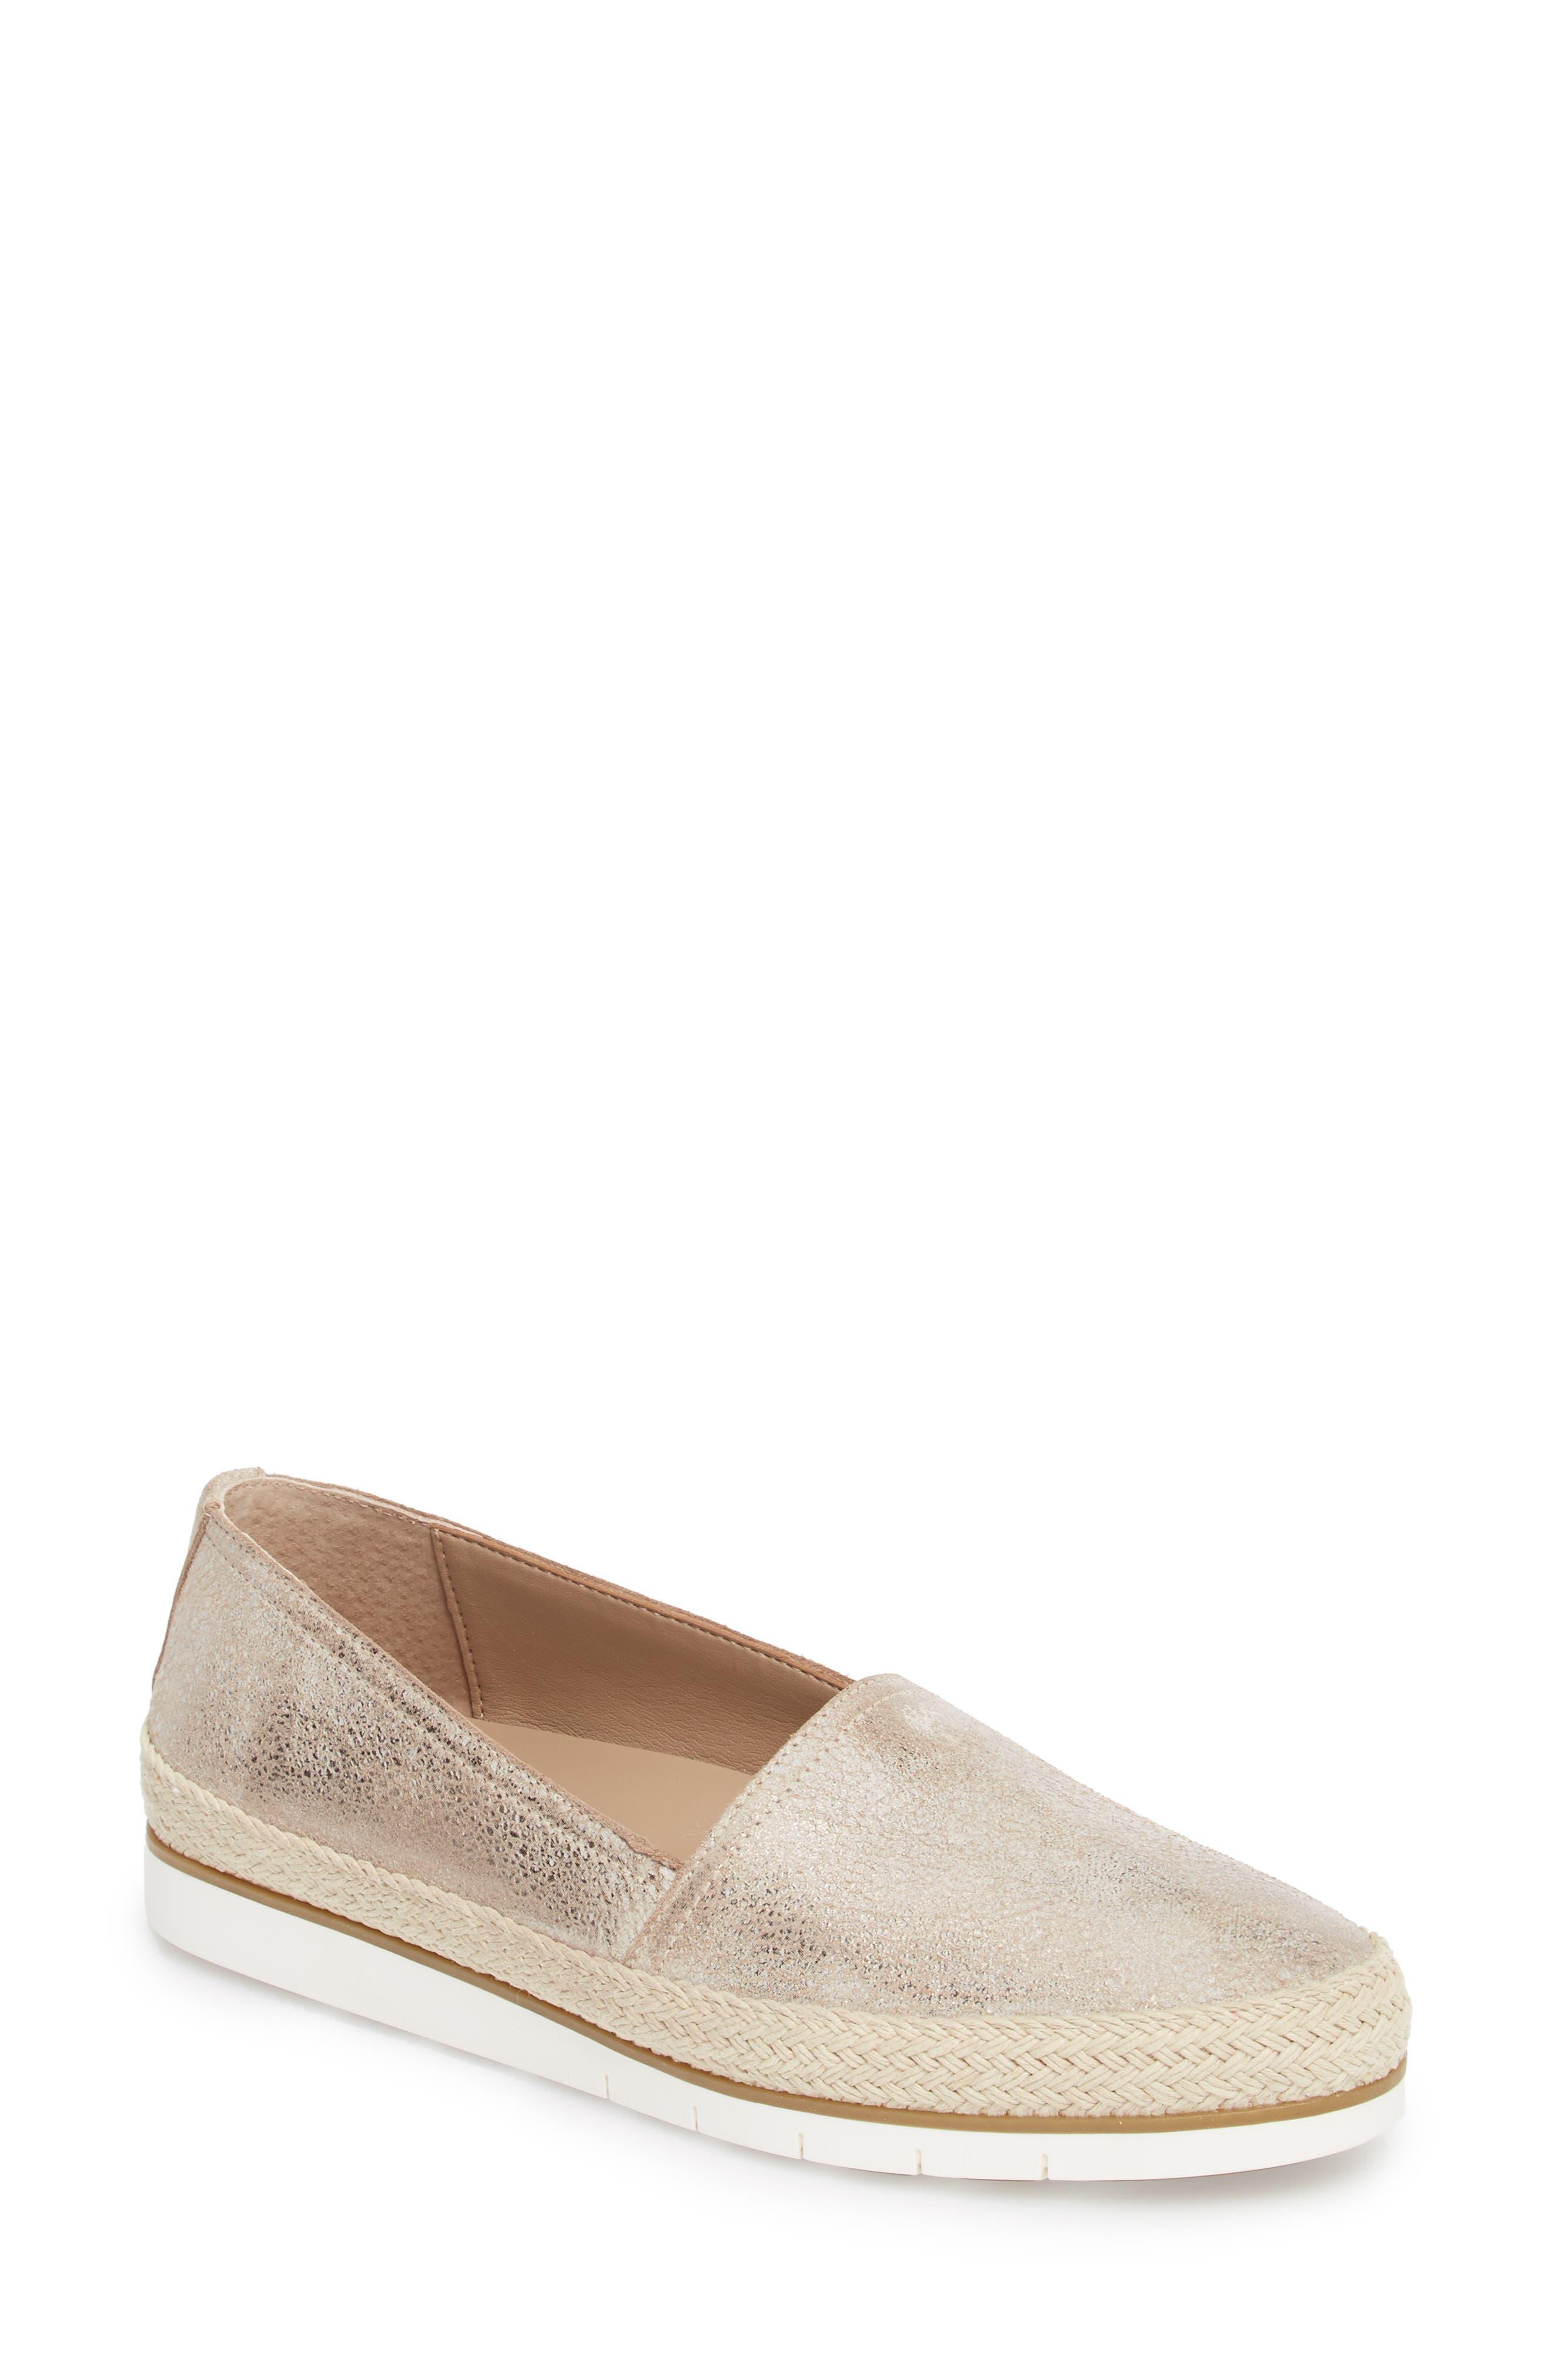 Donald Pliner Palm Slip-On Sneaker (Women)